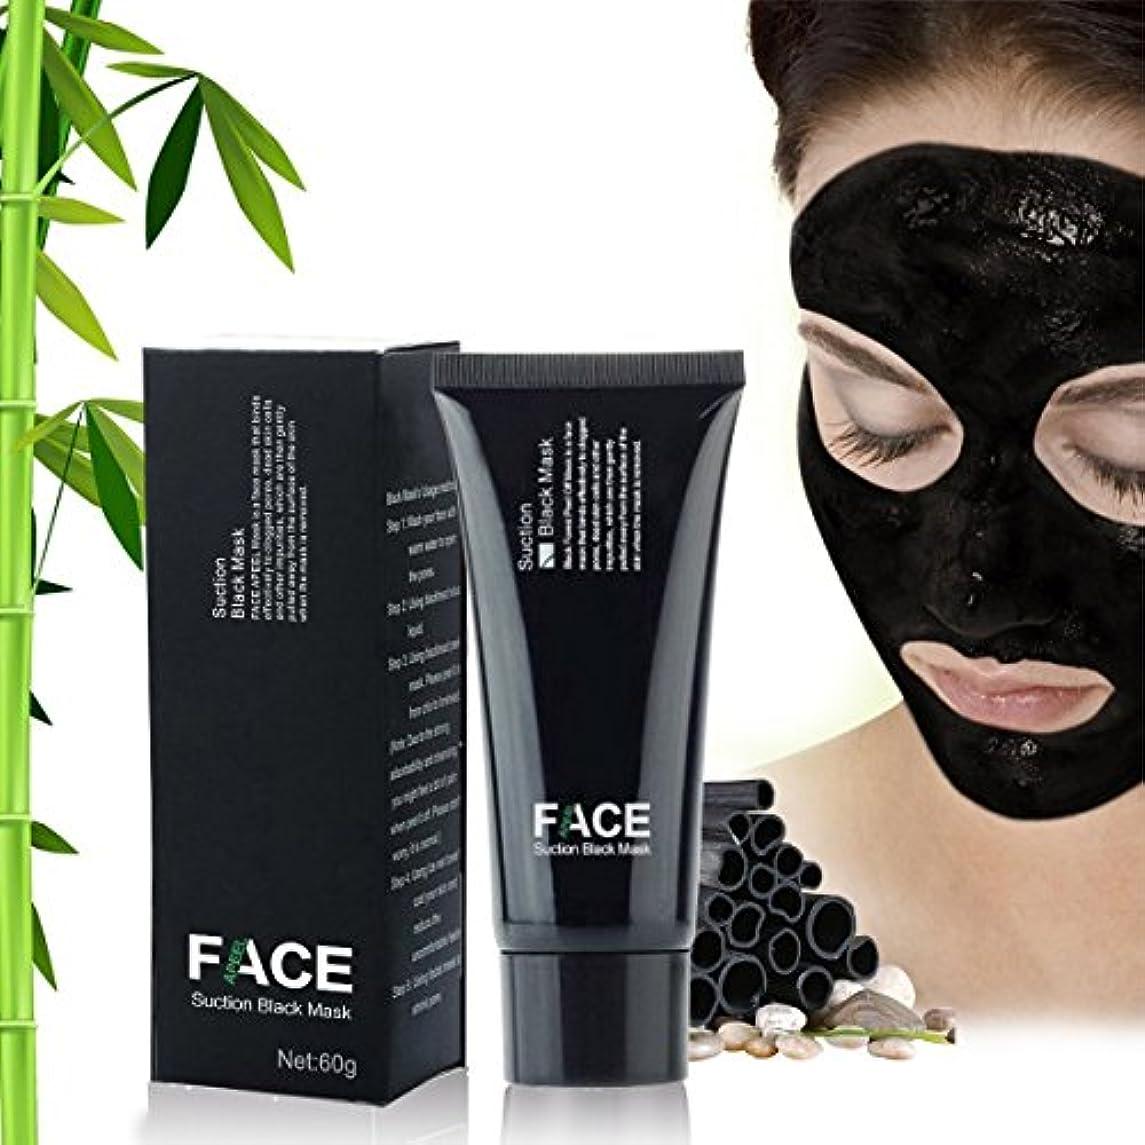 アンタゴニスト増幅平行Face Apeel Blackhead Remover - Peel-off Mask for Men and Women - Deep Cleans Better than Pore Strips for Instantly